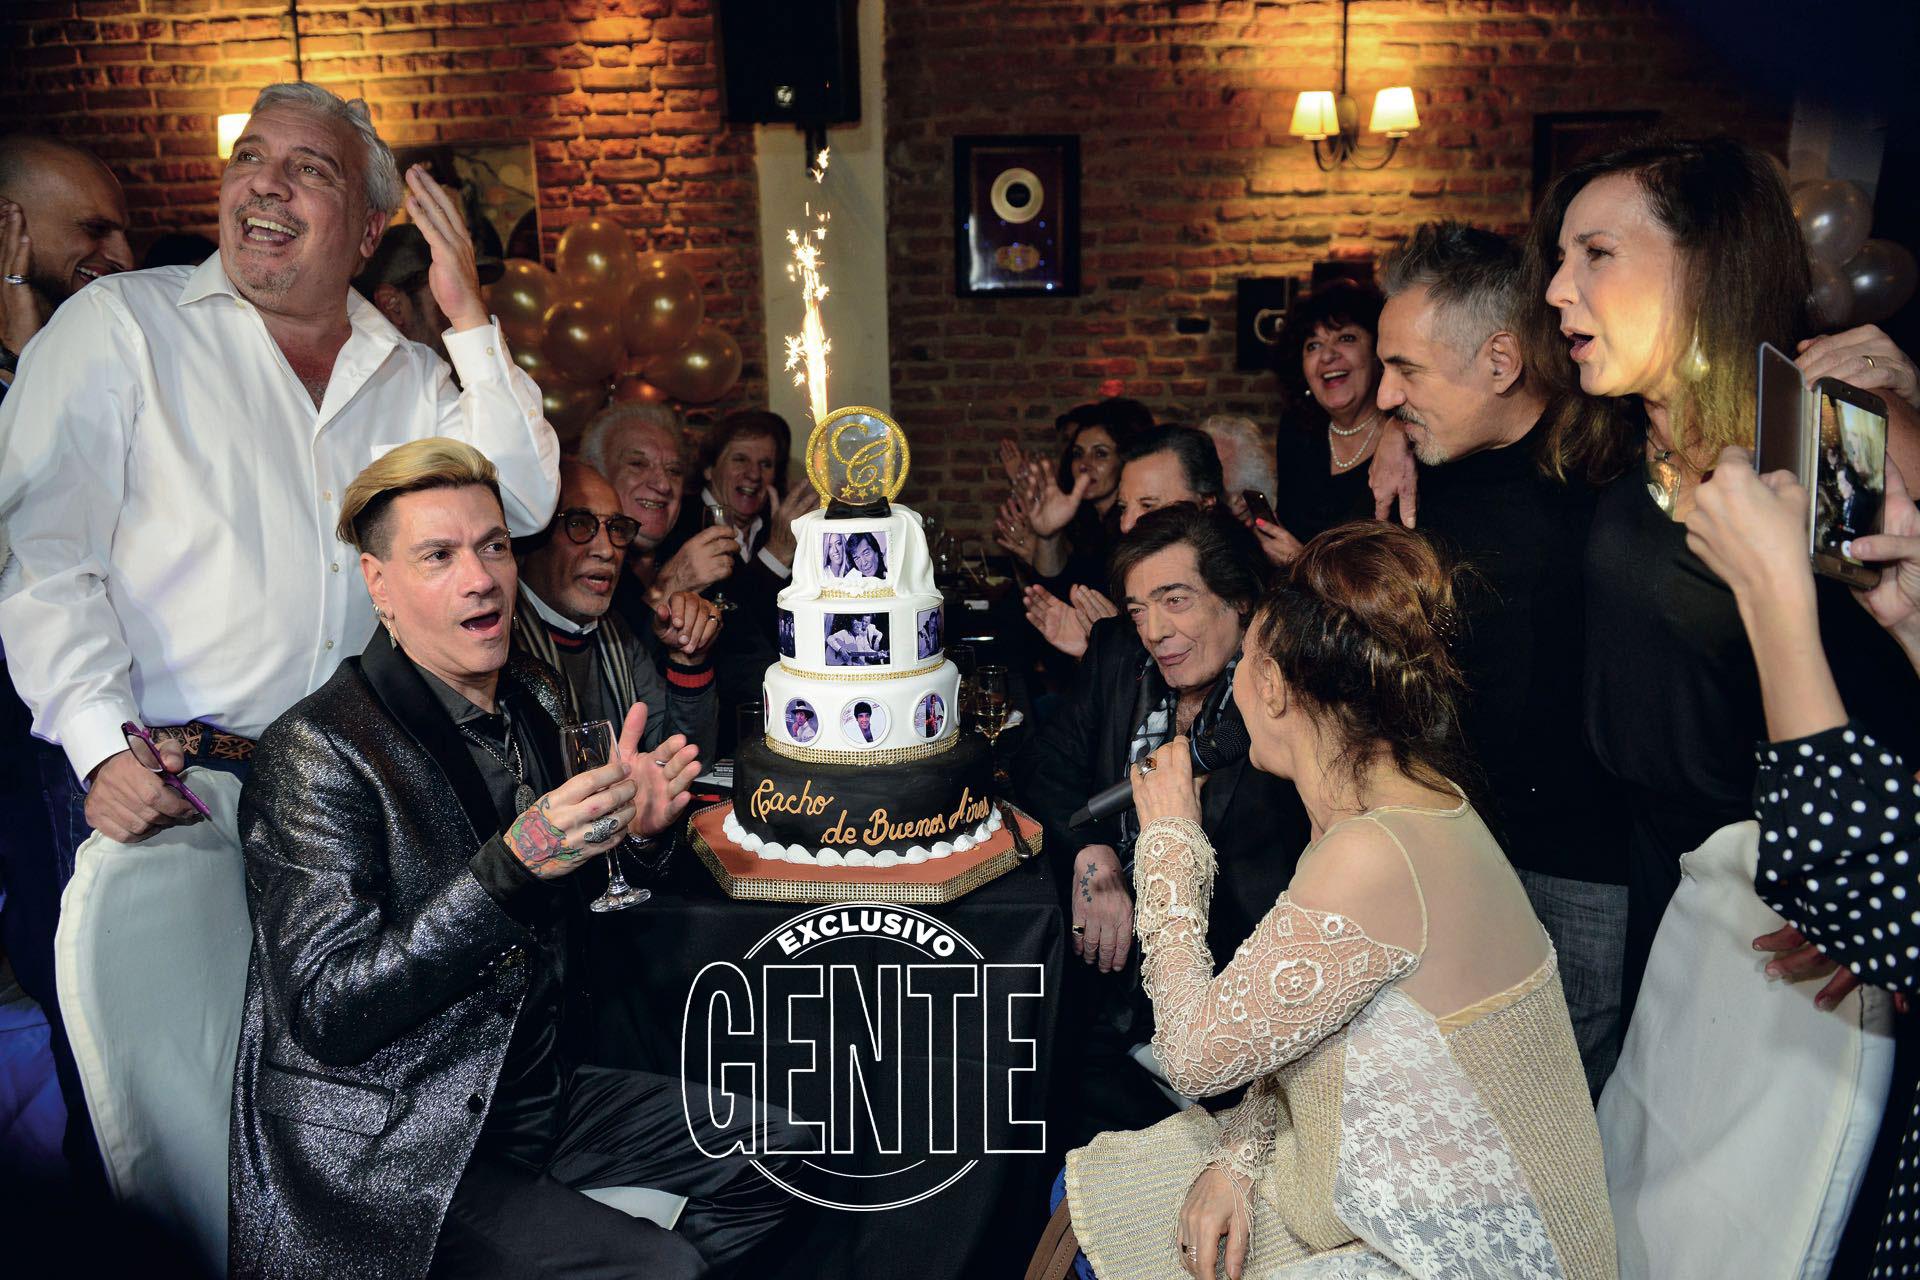 El momento del Feliz cumpleaños a Cacho, con Roberto Piazza y Coco Silly en primer plano y todos los invitados a pleno. (Foto Diego Soldini/GENTE)